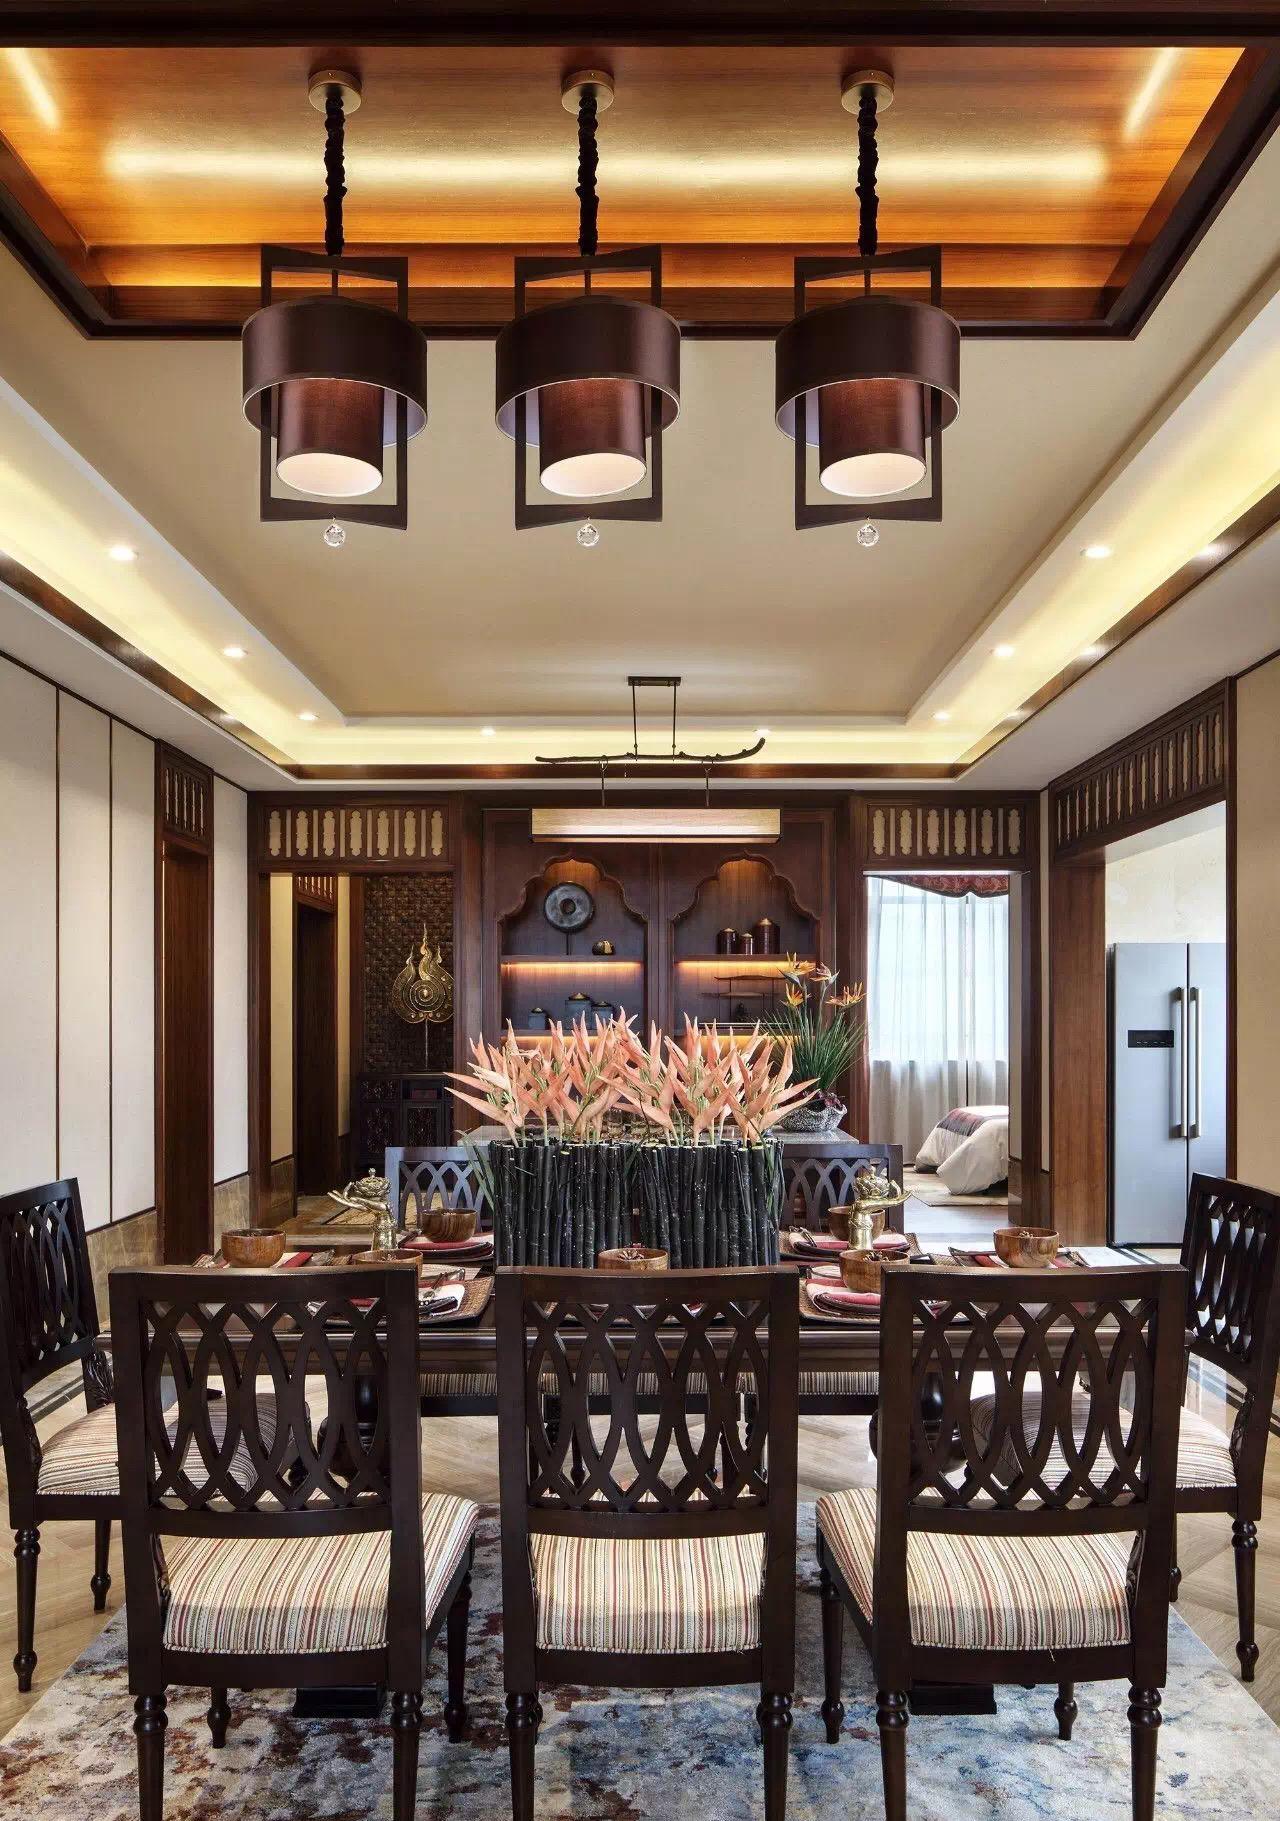 别墅装修 泰式风格 腾龙设计 实景展示, 四季雅苑别 餐厅图片来自孔继民在别墅装修泰式风格完工实景展示的分享